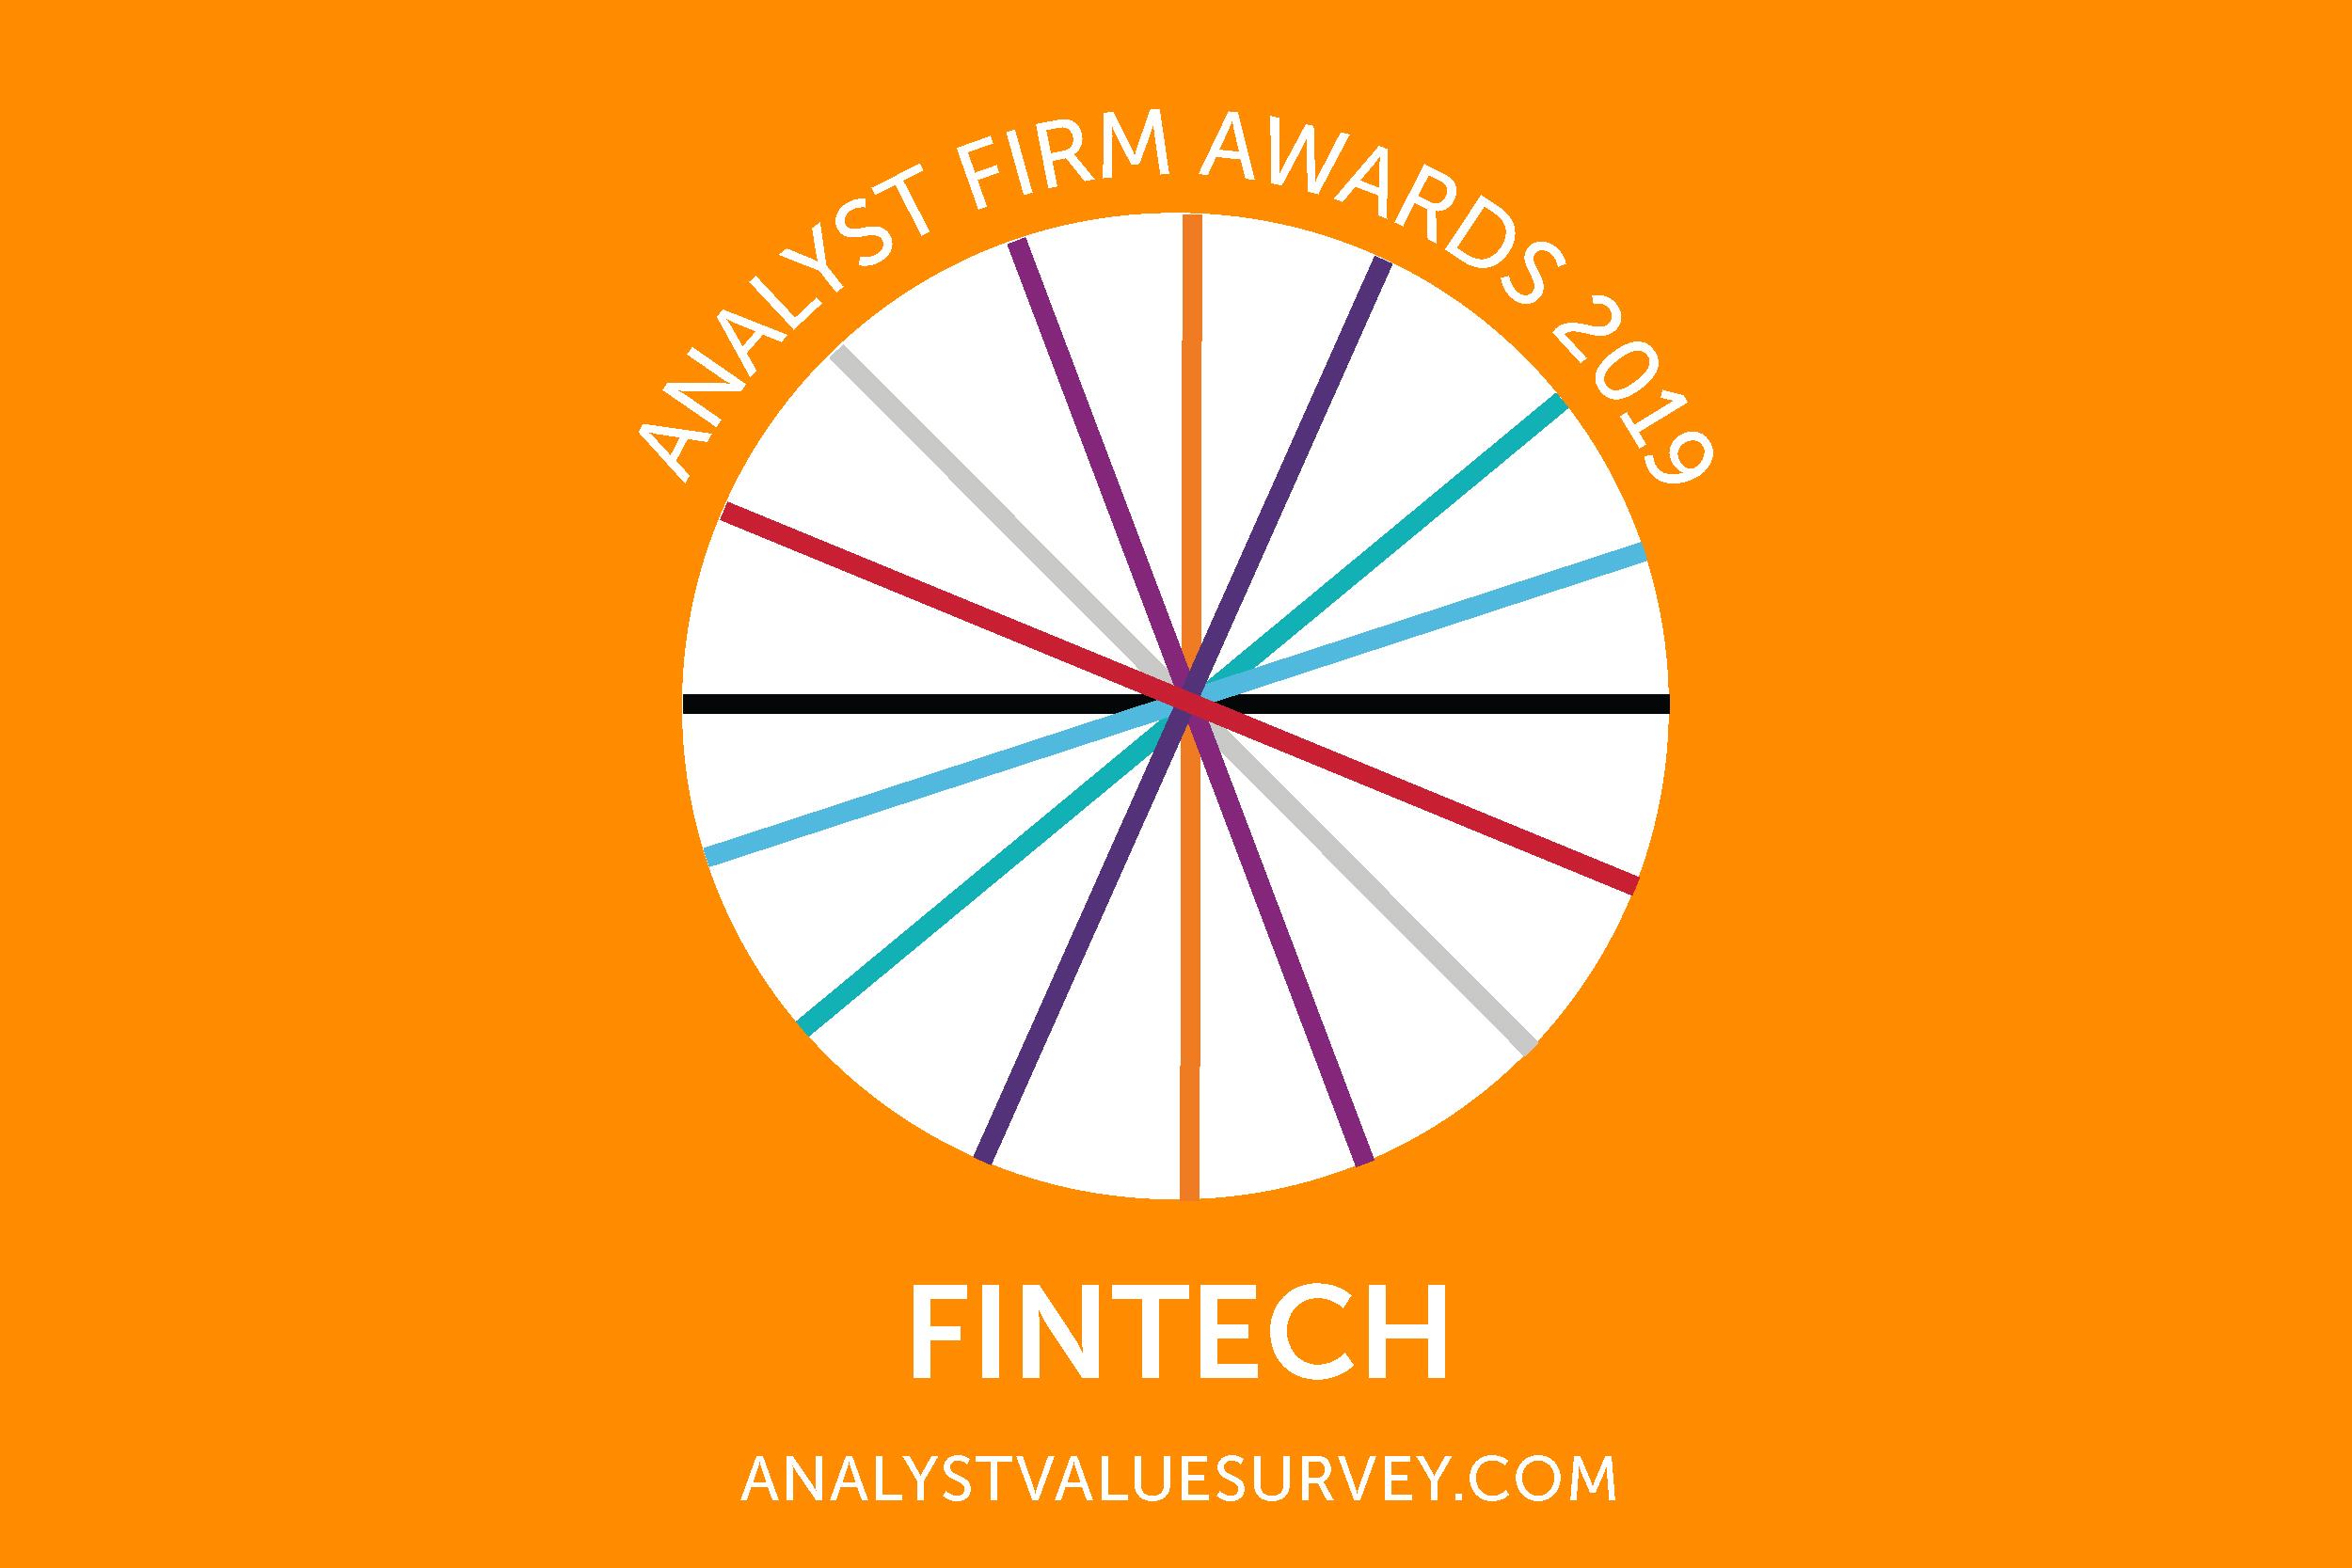 Fintech Analyst Firm Awards